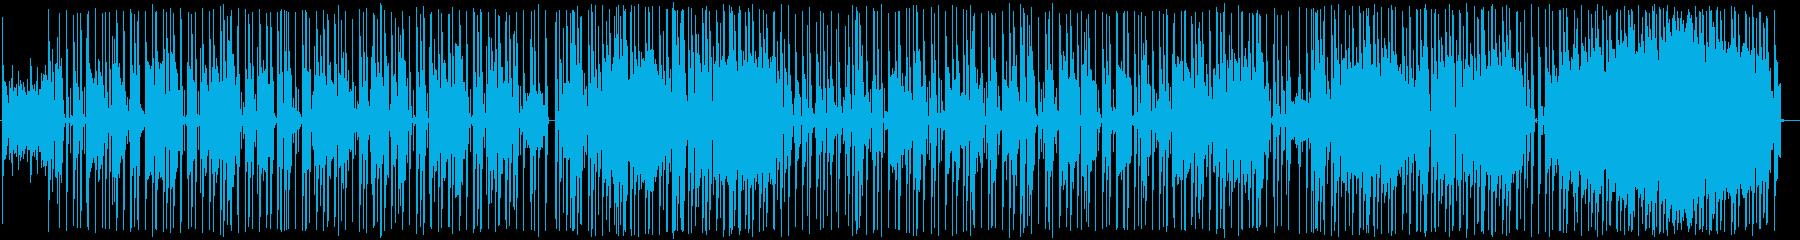 R&B レトロ あたたかい 幸せ ...の再生済みの波形